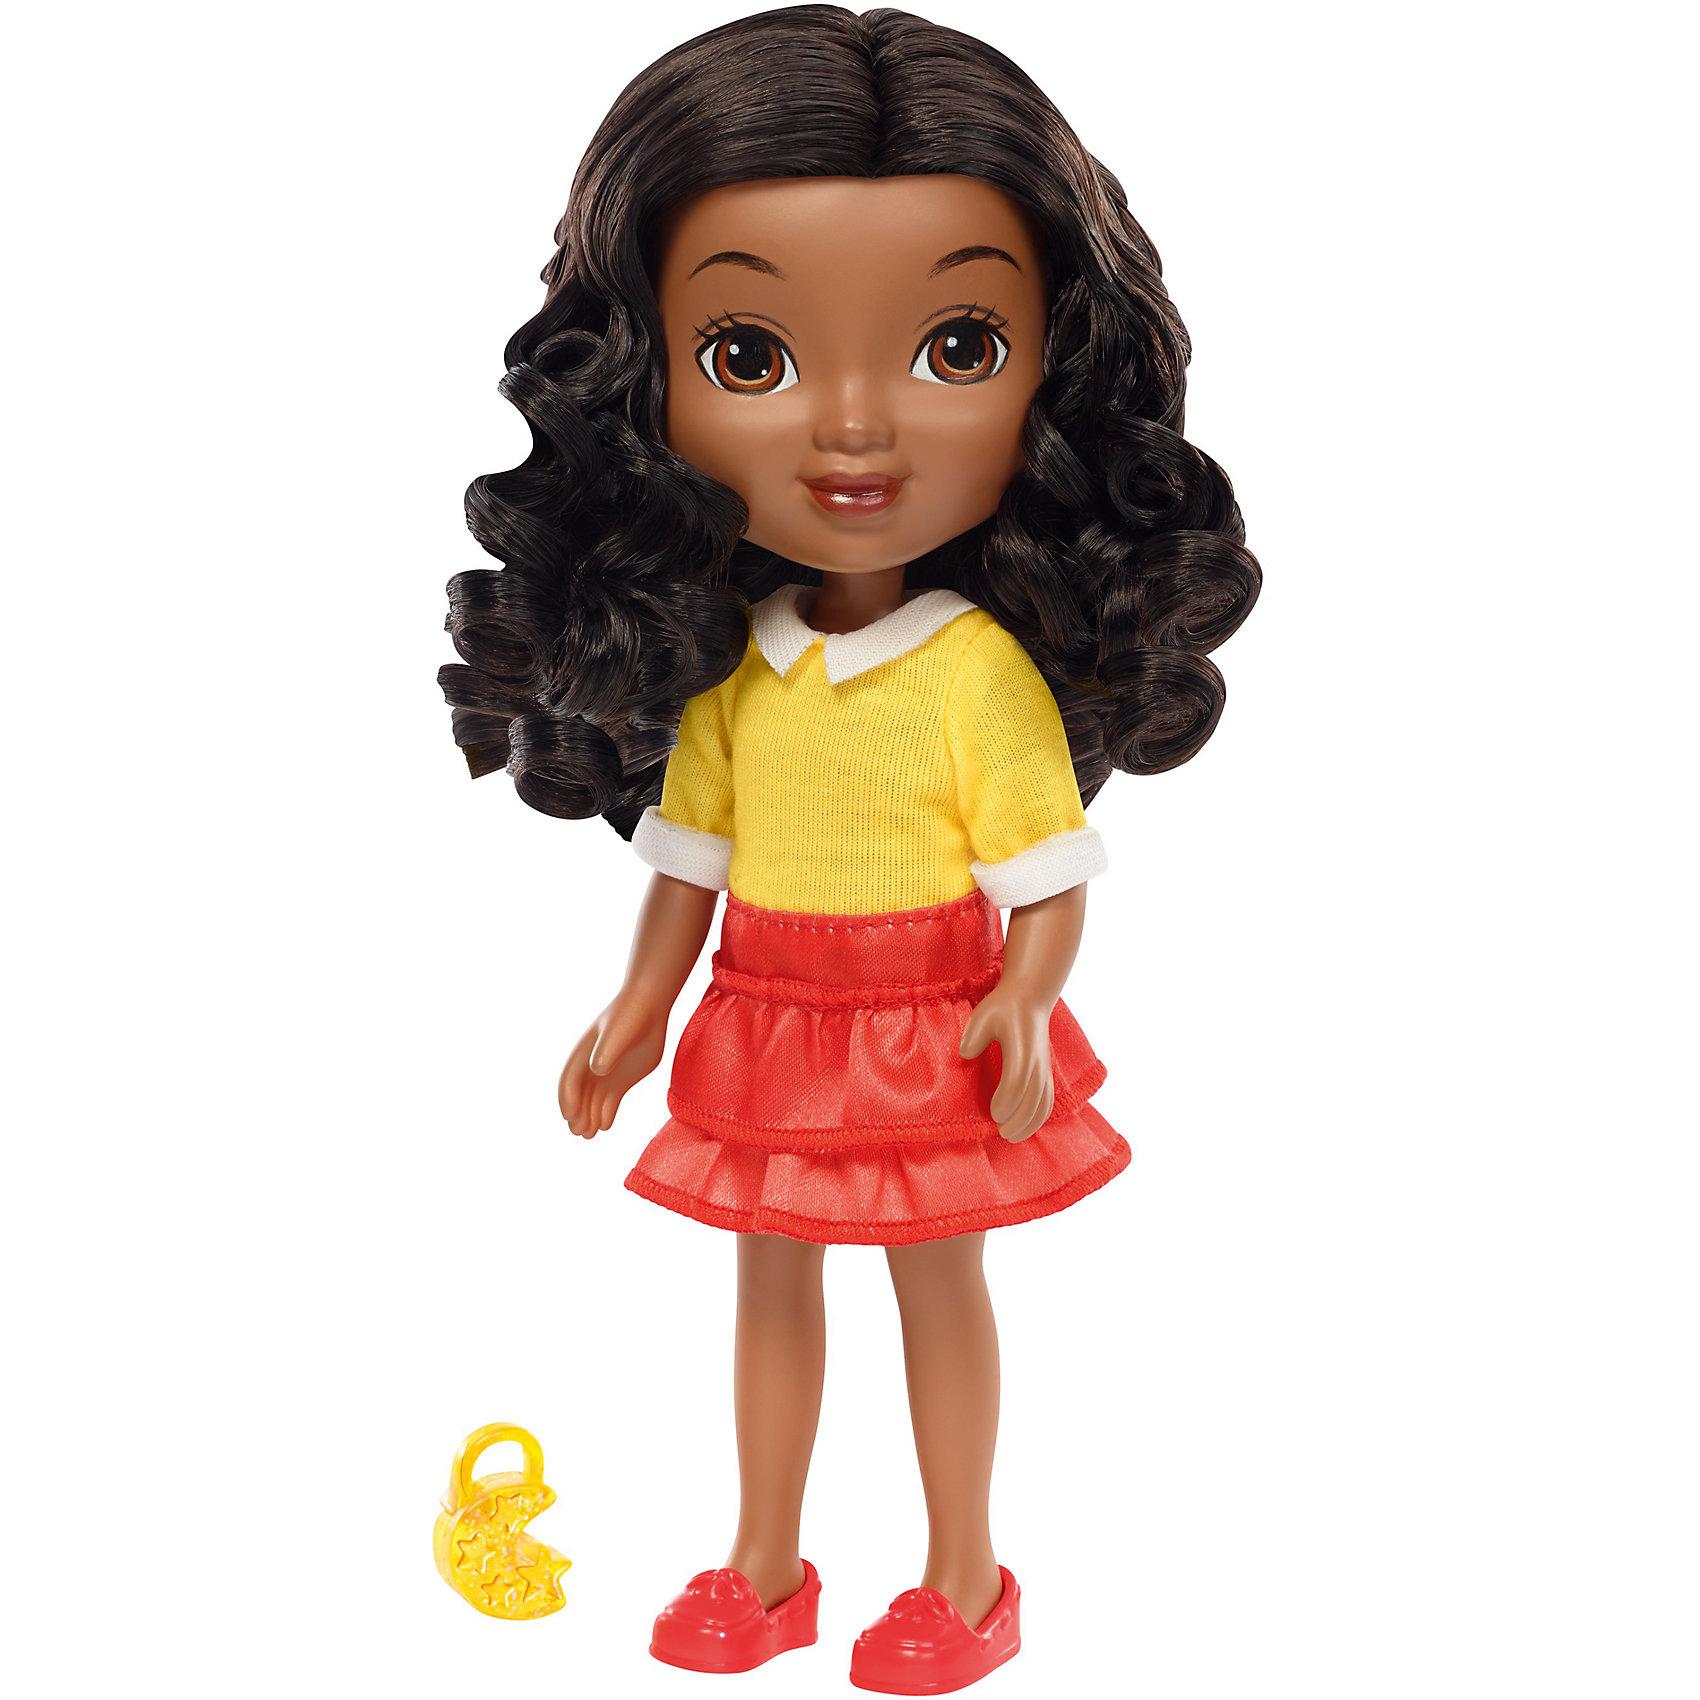 Кукла Эмма, Fisher Price, Даша и друзьяКукла Эмма, Fisher Price, Даша и друзья.<br><br>Характеристики:<br><br>• В наборе: кукла, шармик для браслета<br>• Высота куклы: 20 см.<br>• Материал: пластик, текстиль<br><br>Кукла Эмма из серии Даша и друзья от Fisher-Price - игрушка, о которой мечтают все девочки, следящие за приключениями героев популярного детского мультфильма. С этой куклой игры девочки наполнятся новыми приключениями, ведь Эмма будет использовать все свои возможности и разгадает все тайны. Эмма одета в желтую трикотажную кофту, ярко-красную юбку с оборками и ярко-красные туфли. Длинные волнистые черные волосы куклы красиво уложены в прическу, их можно расчесывать и заплетать. Лицо куклы тщательно прорисовано. У Эммы большие выразительные карие глаза. Руки и ноги куклы подвижны, шарниров в суставах нет. <br><br>Кукла изготовлена из качественных безопасных для здоровья материалов. В дополнение к кукле в набор входит шармик для браслета, который может быть использован с интерактивной куклой этой серии — Fisher-Price Talking Dora &amp; Smartphone! Просто наложите шармик в магический смартфон, чтобы услышать мелодии и фразы!<br><br>Куклу Эмма, Fisher Price, Даша и друзья можно купить в нашем интернет-магазине.<br><br>Ширина мм: 115<br>Глубина мм: 70<br>Высота мм: 230<br>Вес г: 218<br>Возраст от месяцев: 36<br>Возраст до месяцев: 120<br>Пол: Женский<br>Возраст: Детский<br>SKU: 5440329